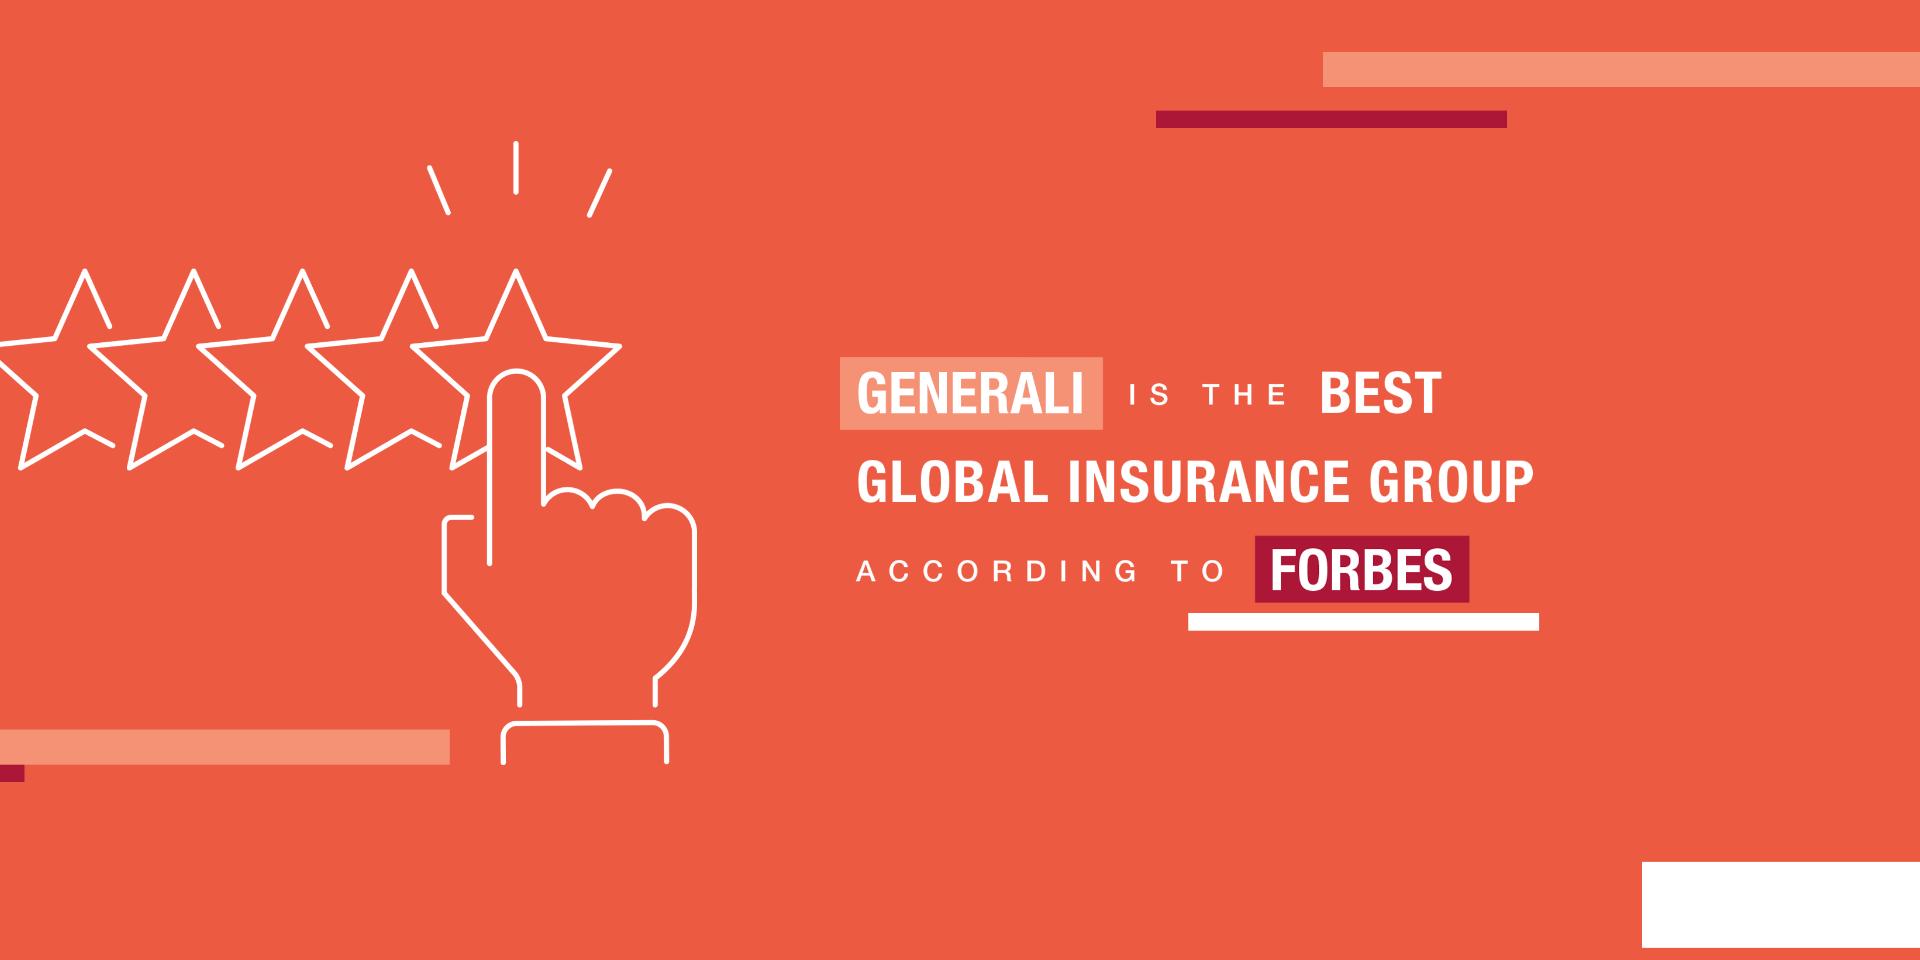 Generali: najbolja globalna osiguravateljna grupacija